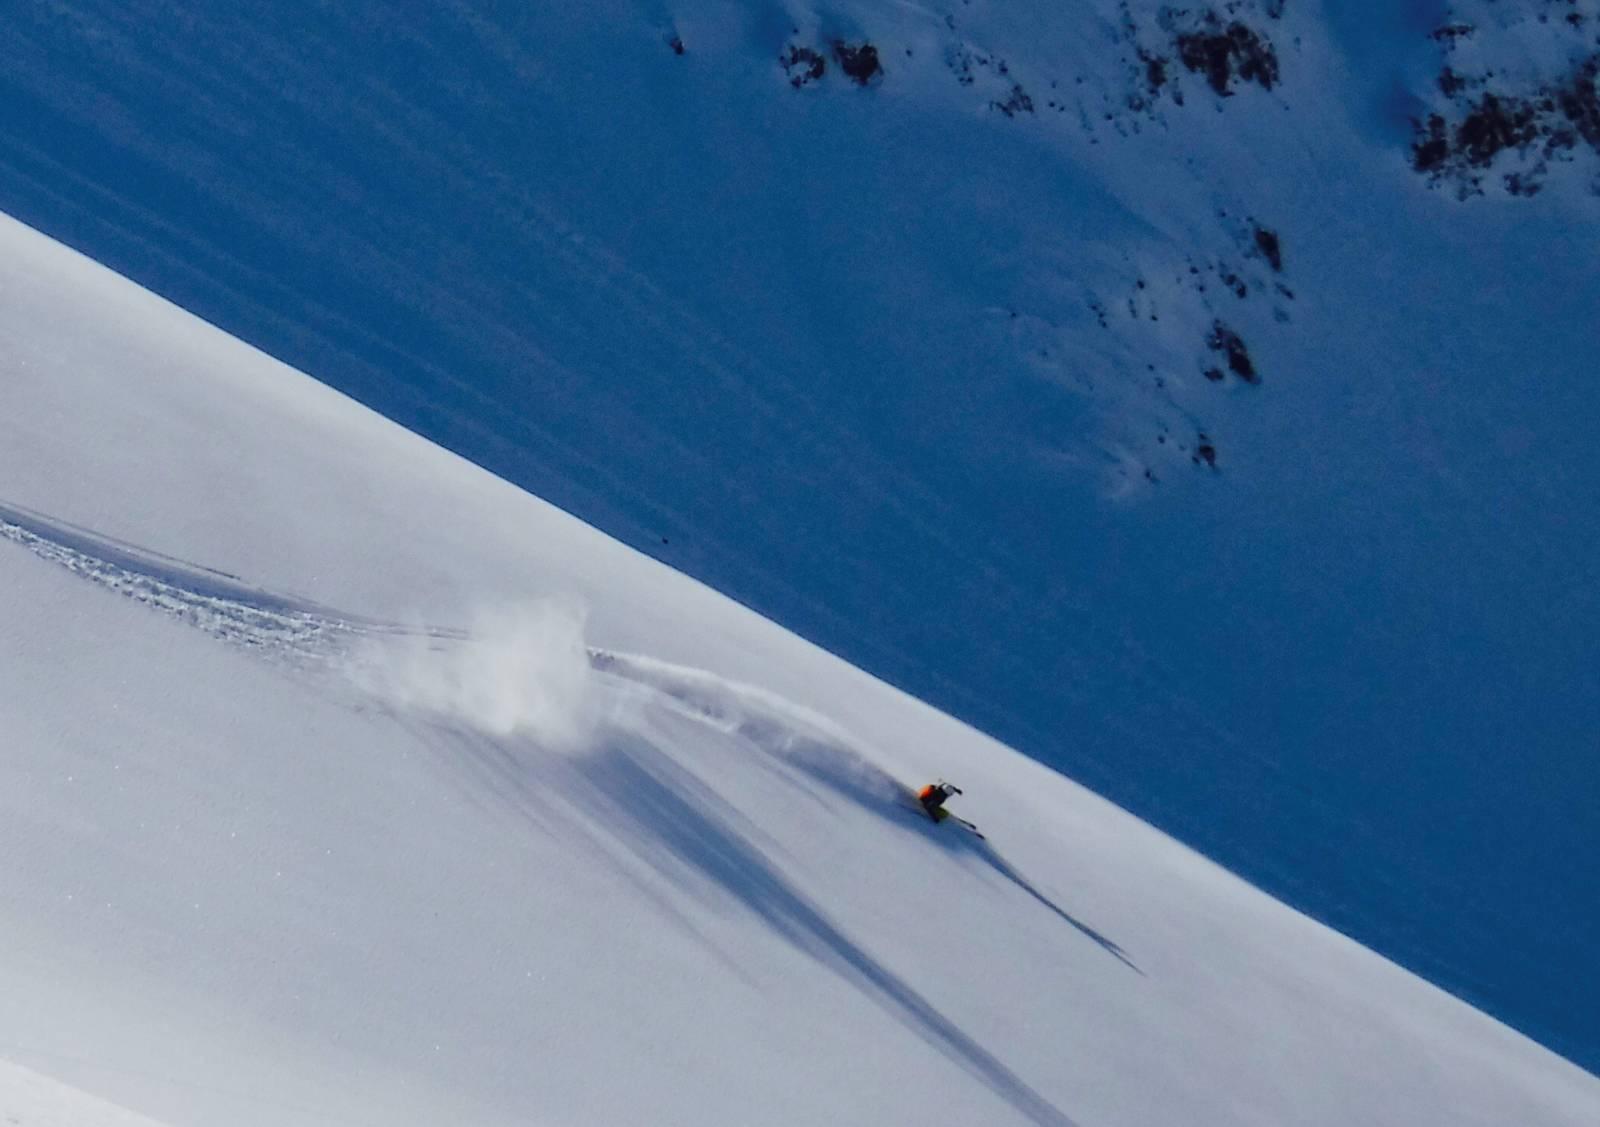 heliski island , skier full speed